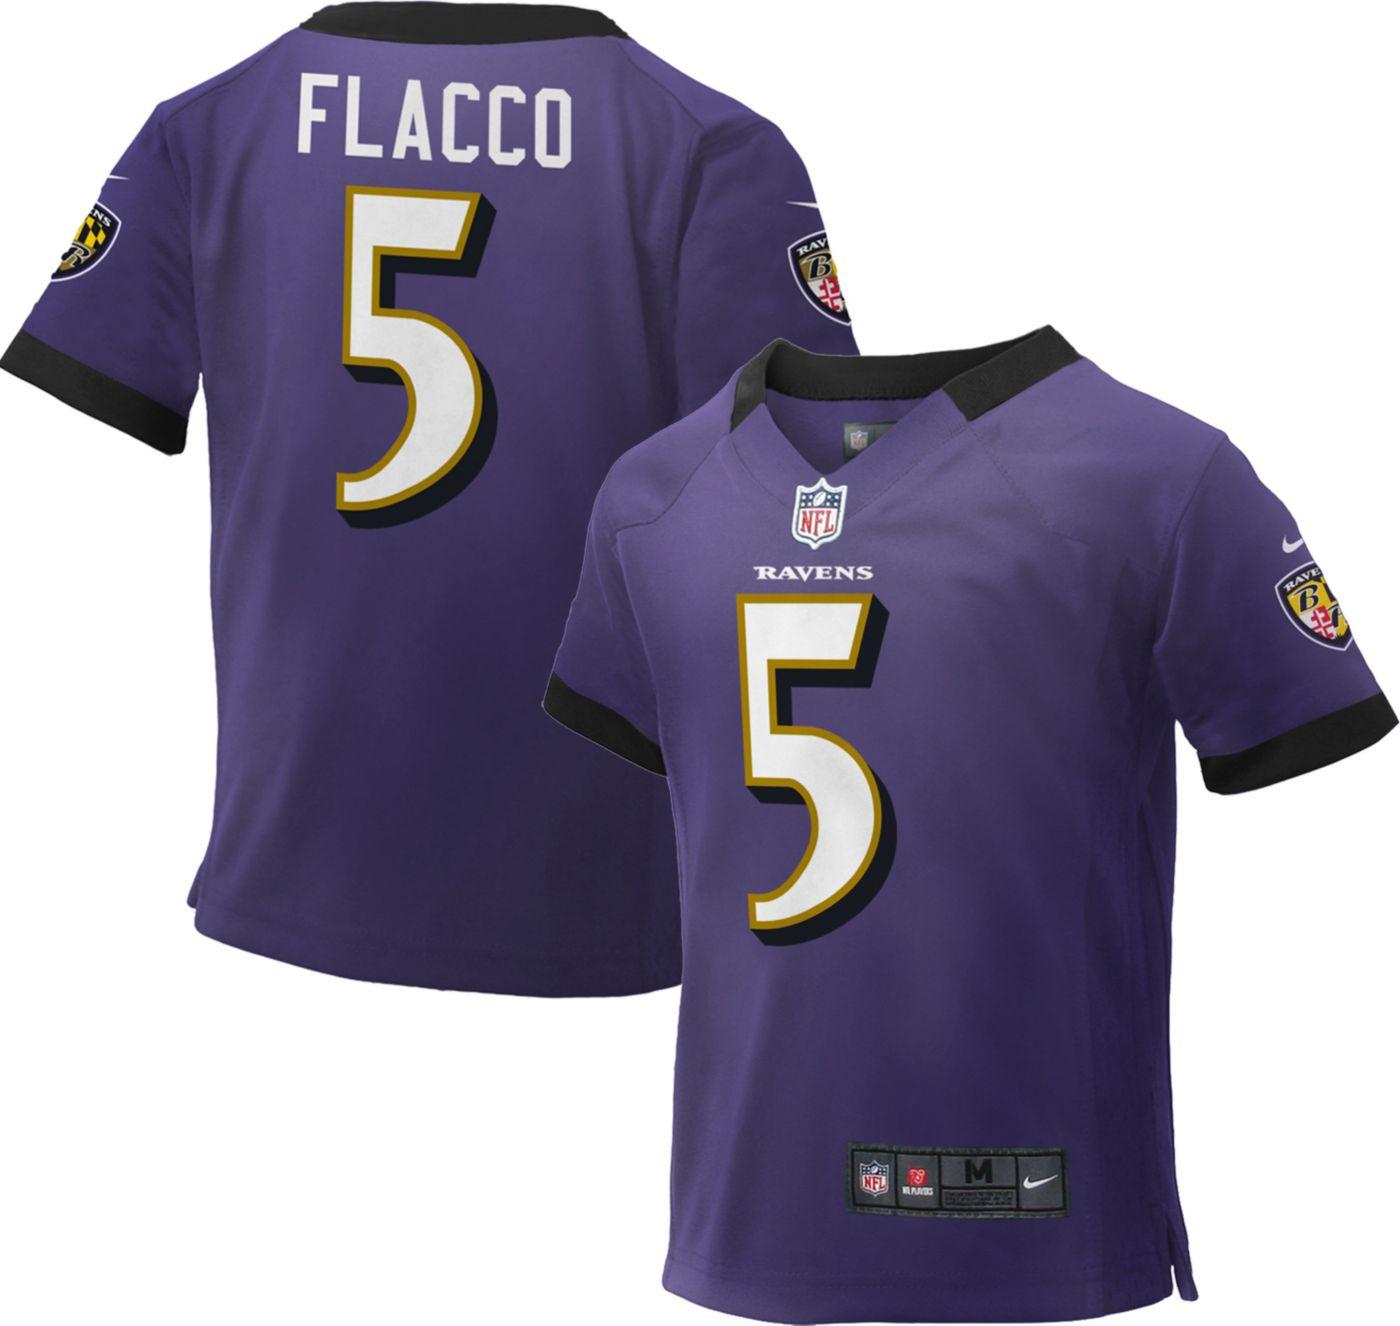 Nike Toddler Home Game Jersey Baltimore Ravens Joe Flacco #5